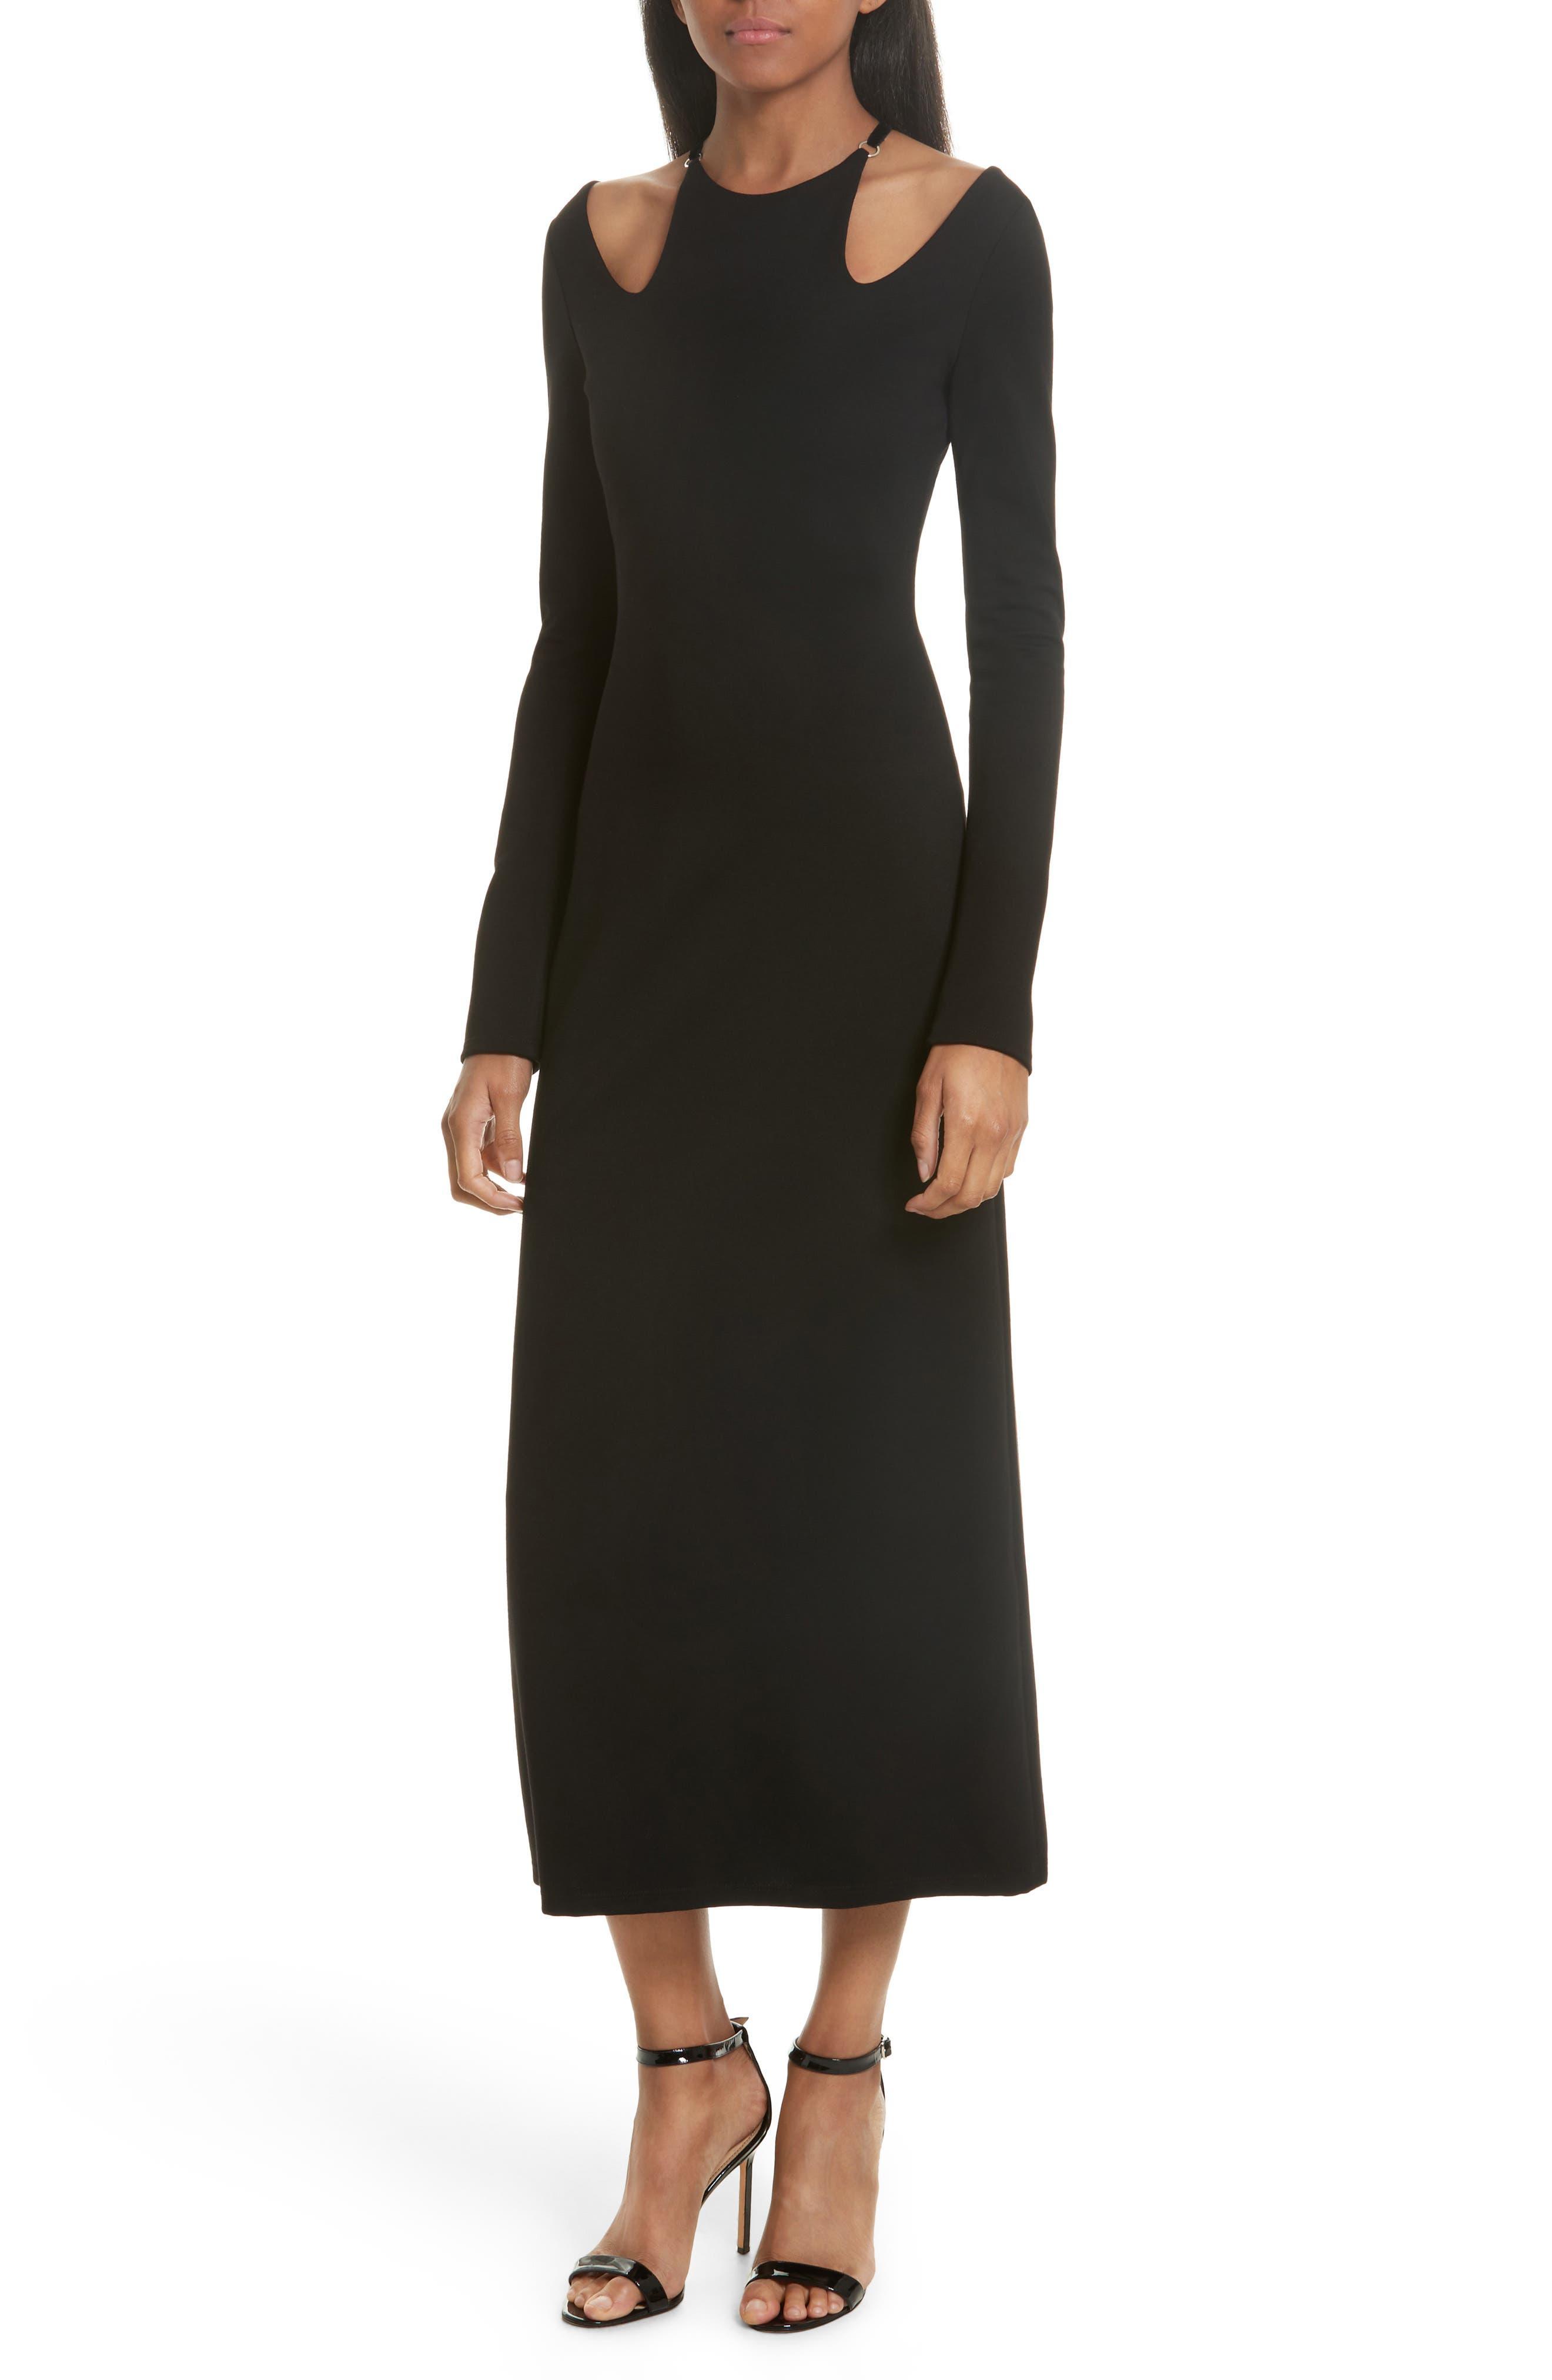 A.L.C. Jessa Cutout Midi Dress